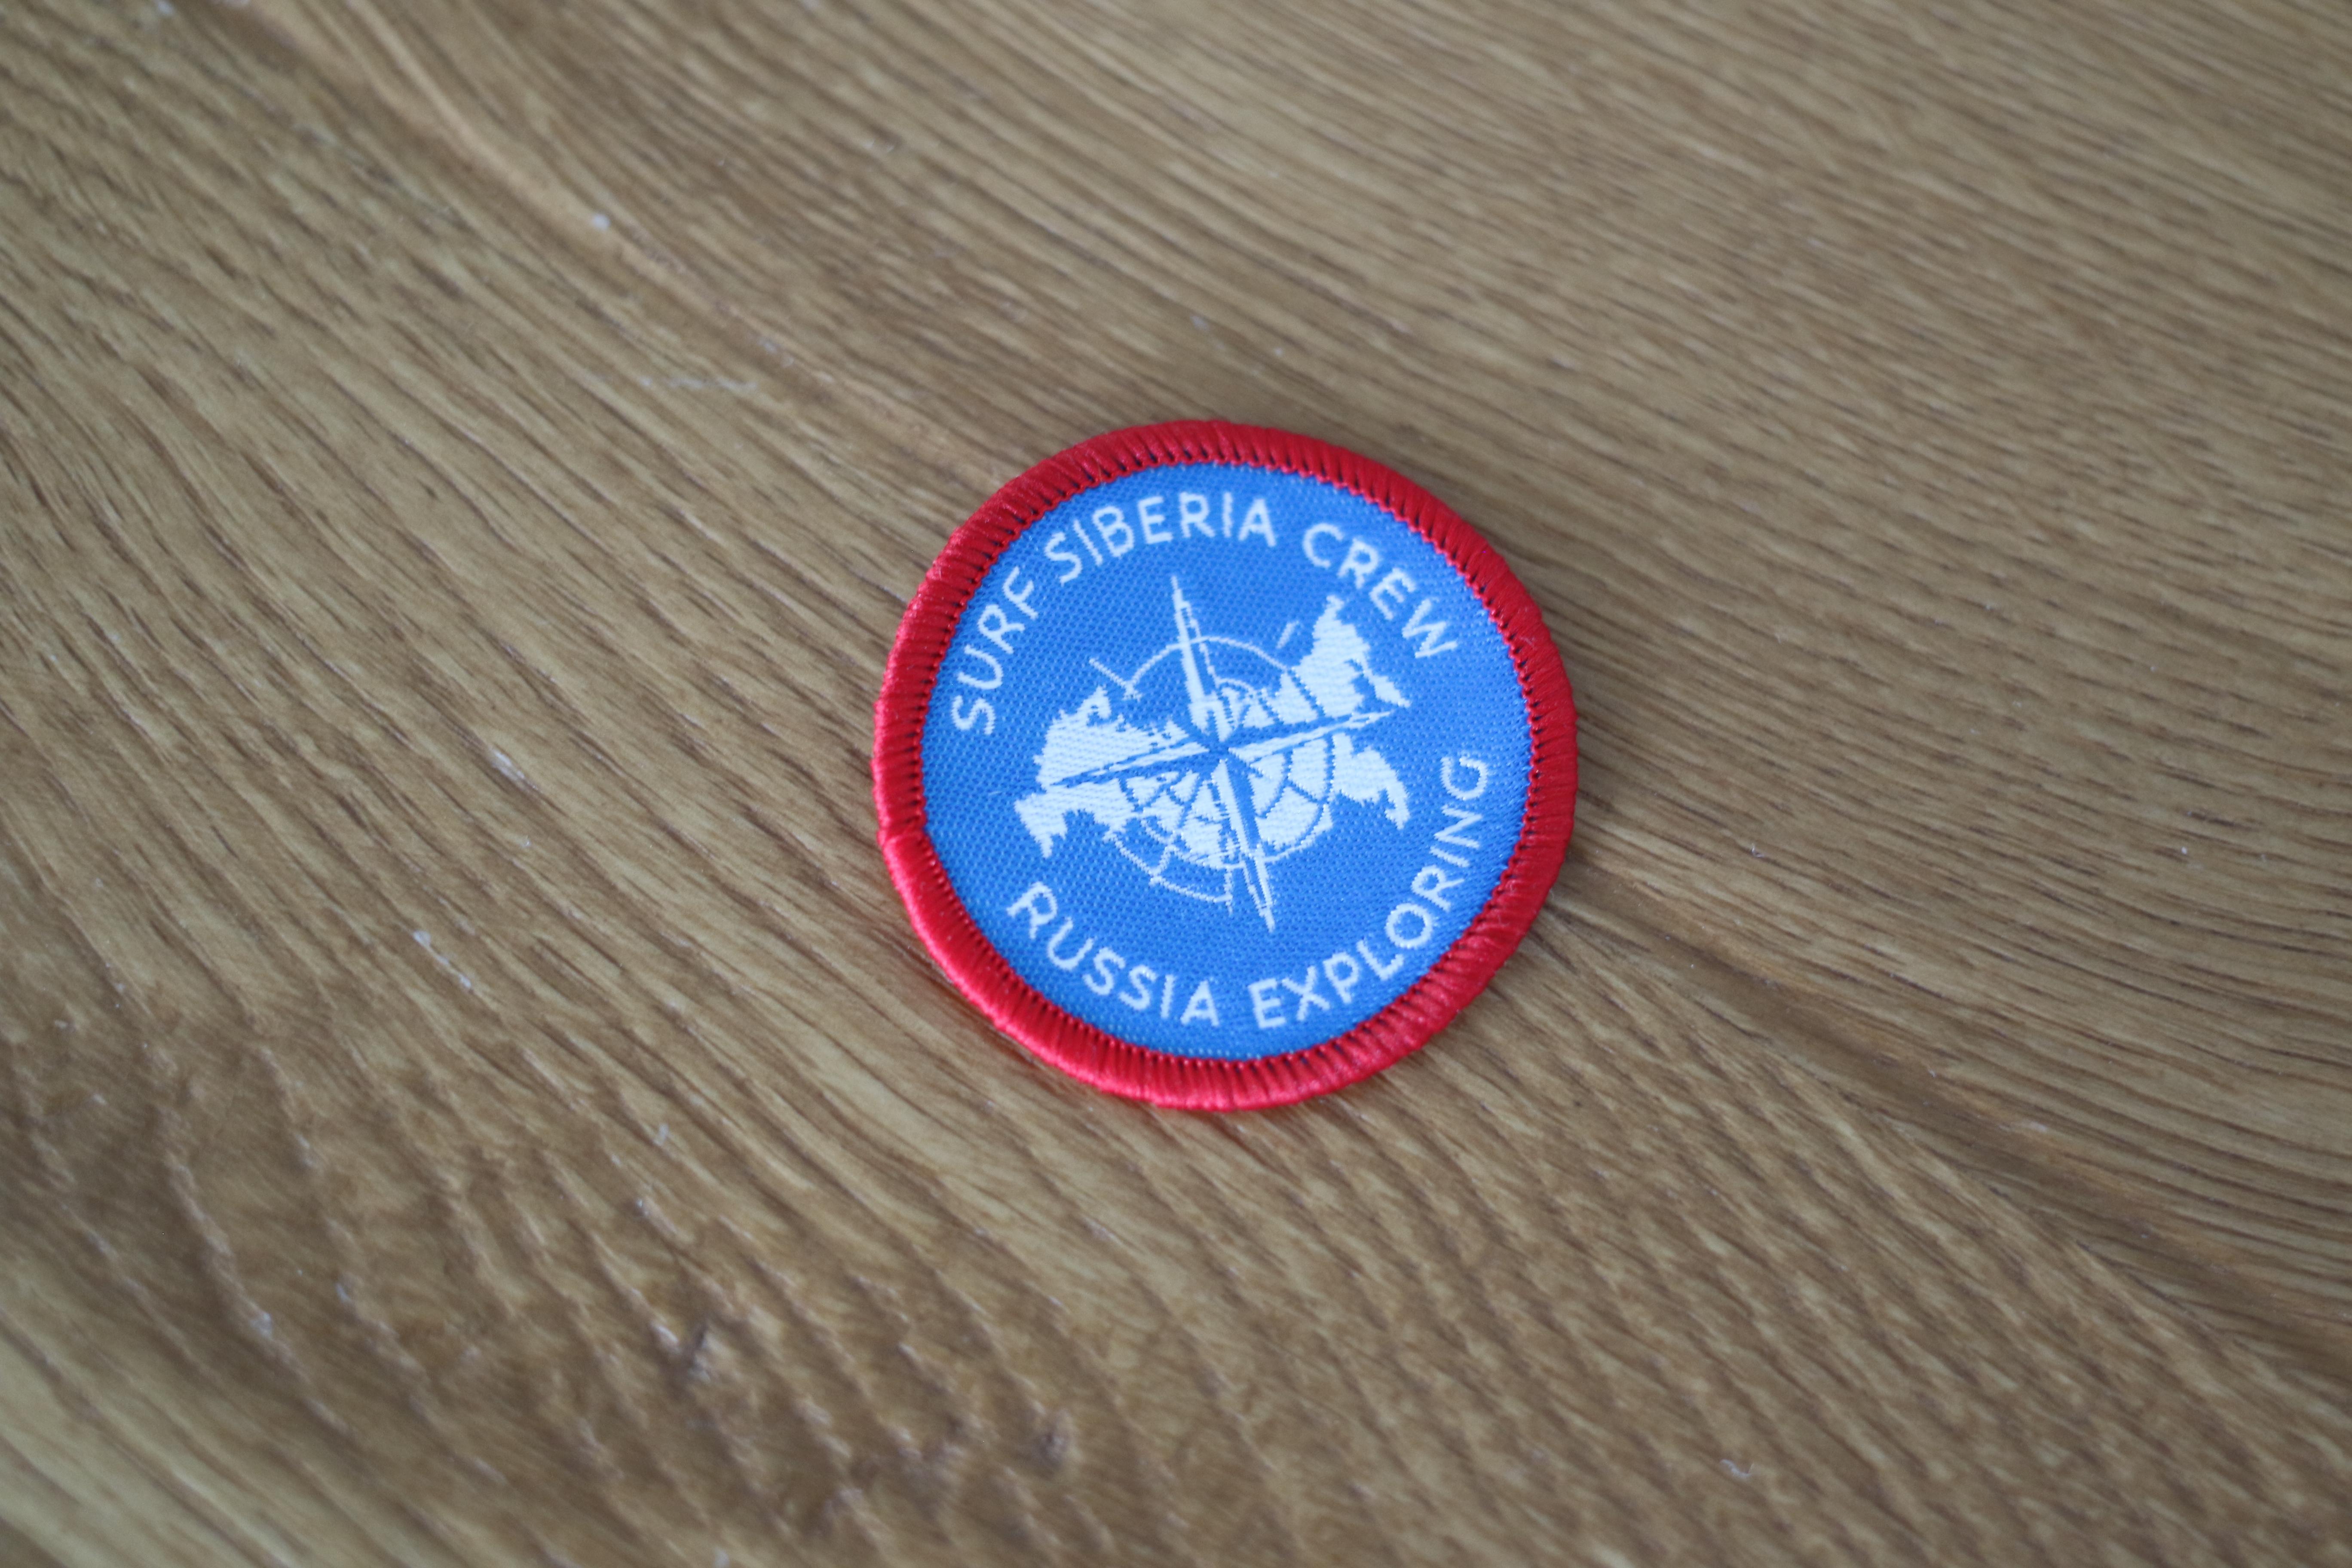 Нашивка Surf Siberia командная. 500 руб.